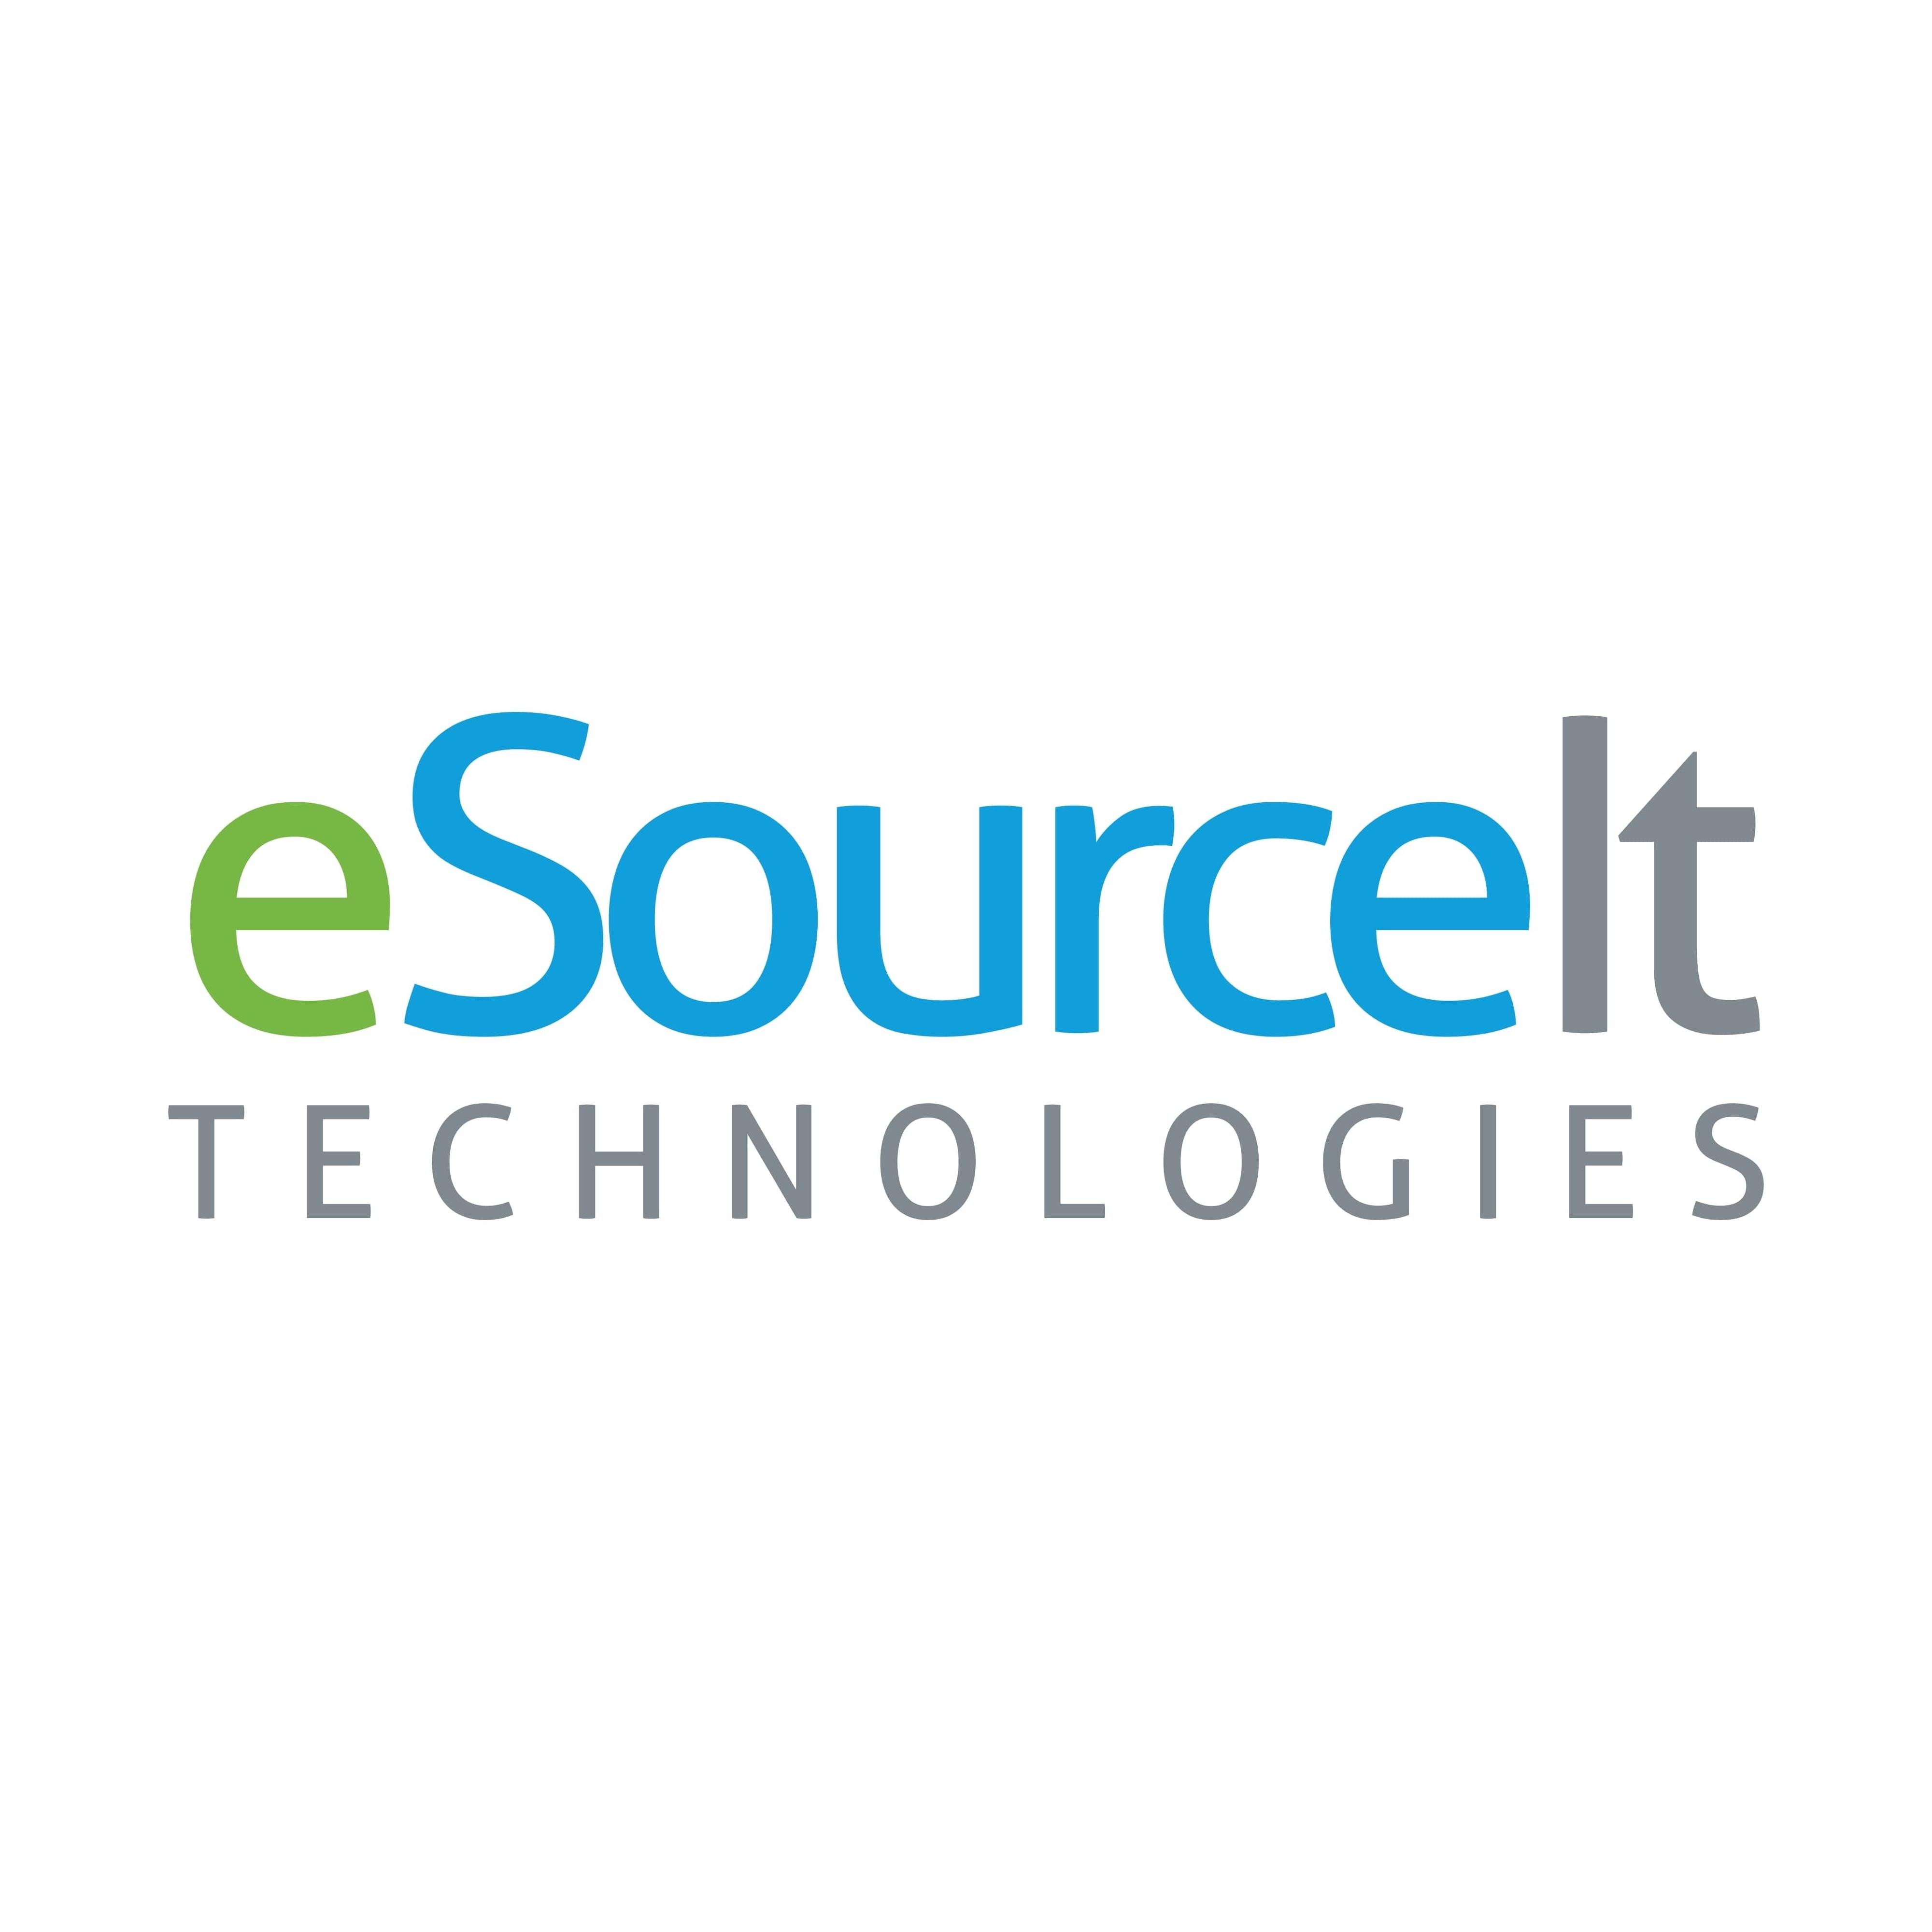 ESourceIt Technologies